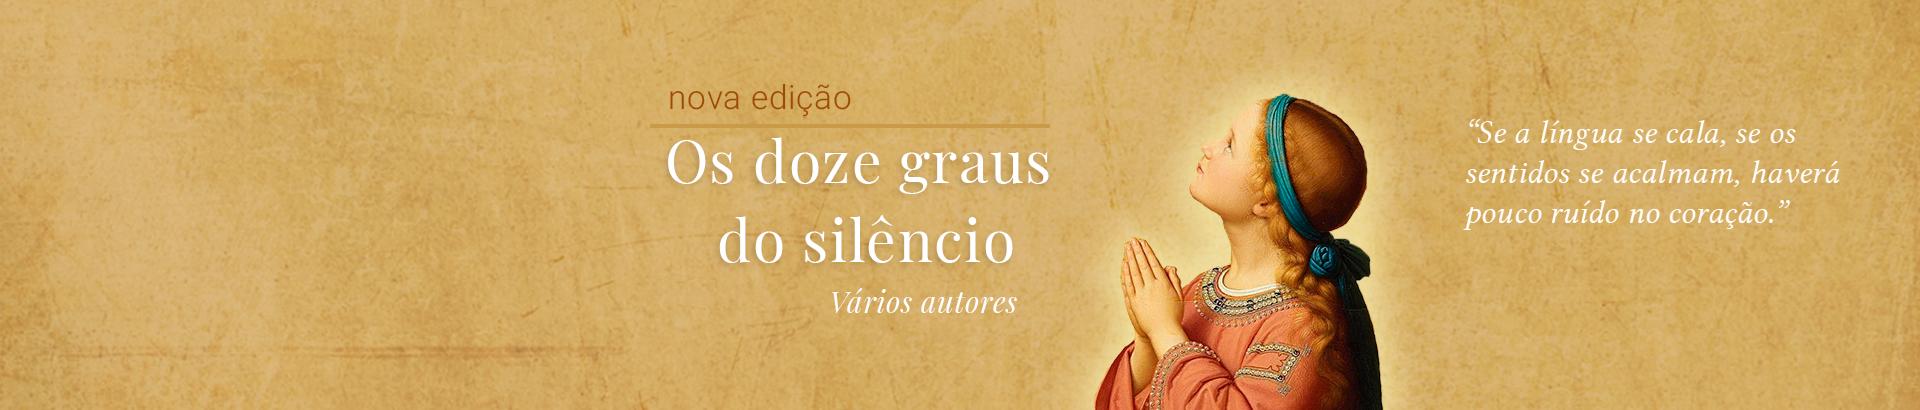 Doze graus do silêncio